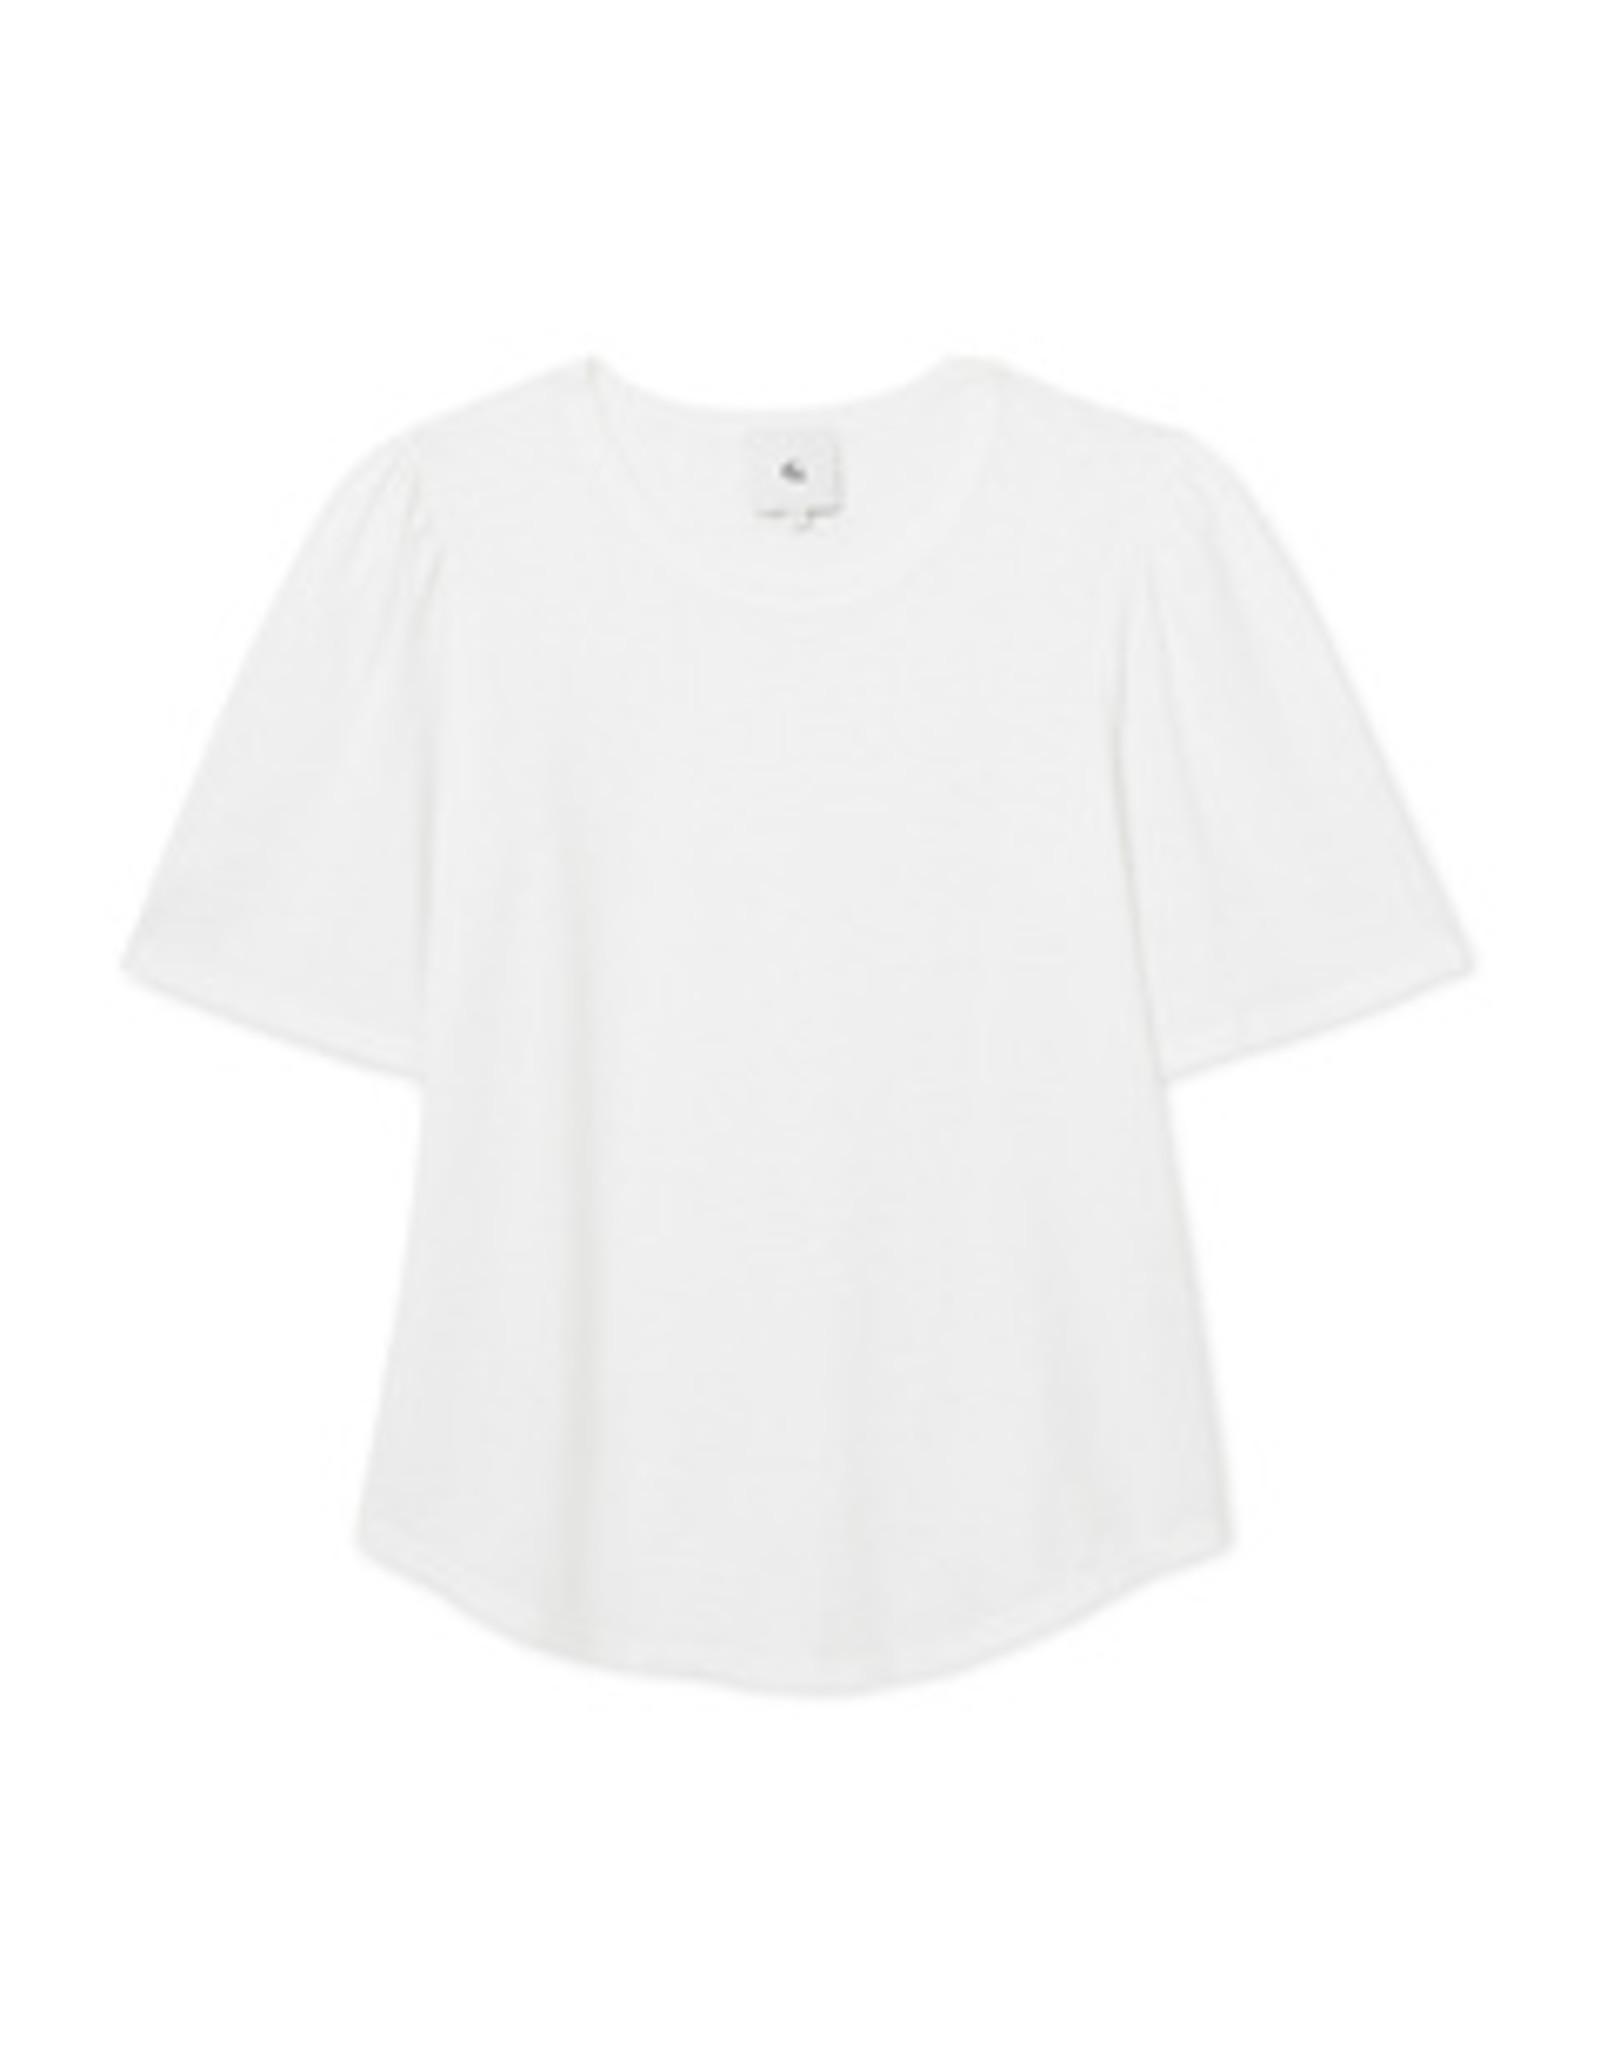 G. Label G. Label Jordan Tee Core (Color: White, Size: S)